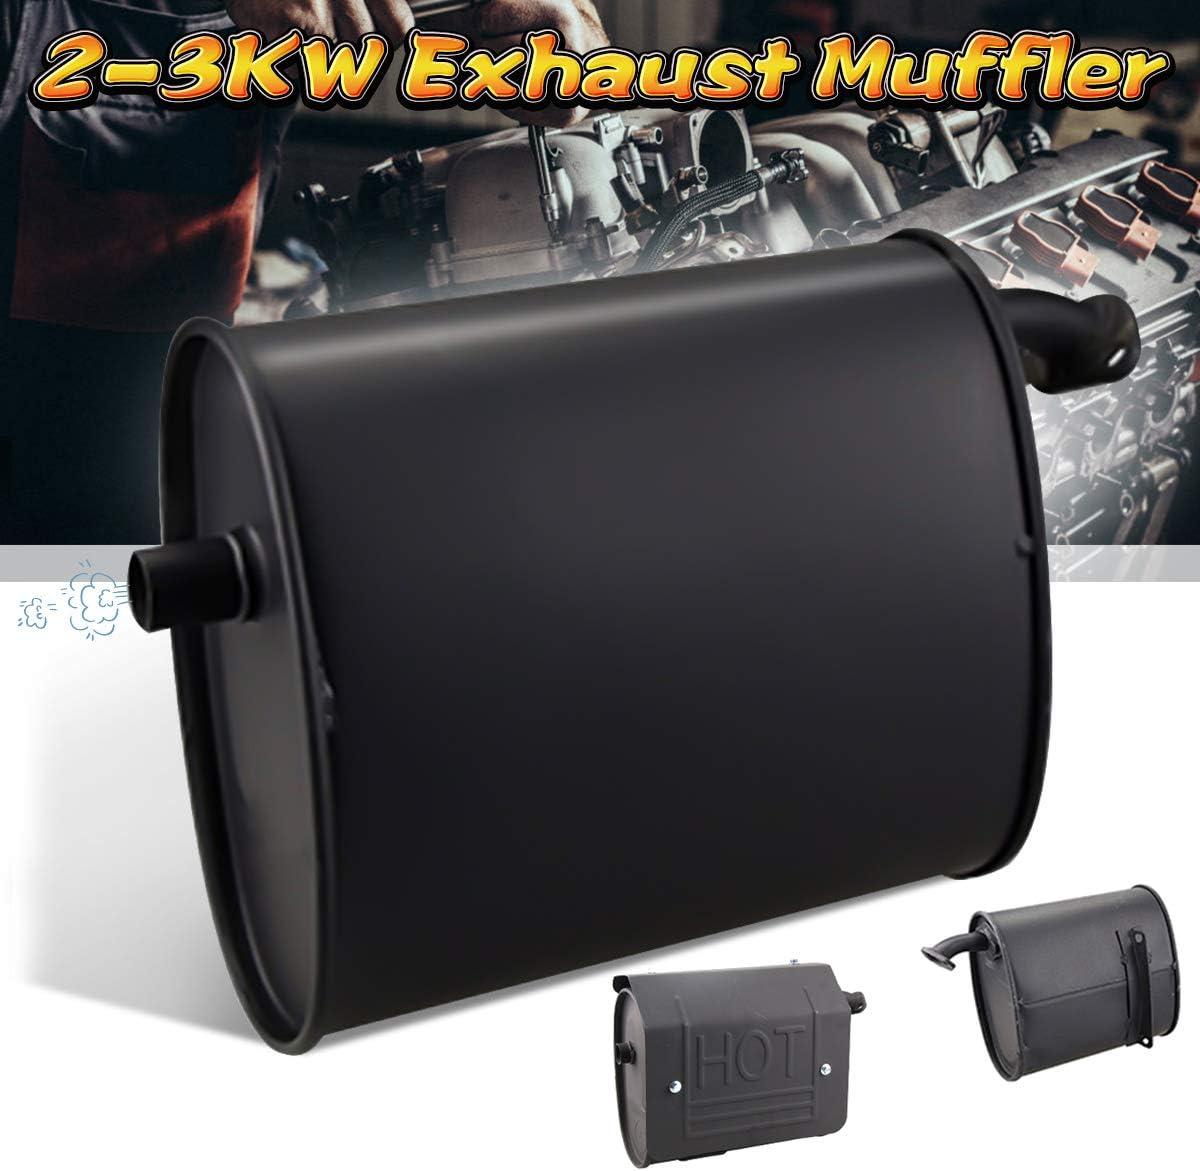 Auspuff Silencer Muffler Exhaust Silenziatore f/ür 2-3KW Gasoline Generator Auspuffspitzen Schalld/ämpfer Edelstahl Auto Auspuff